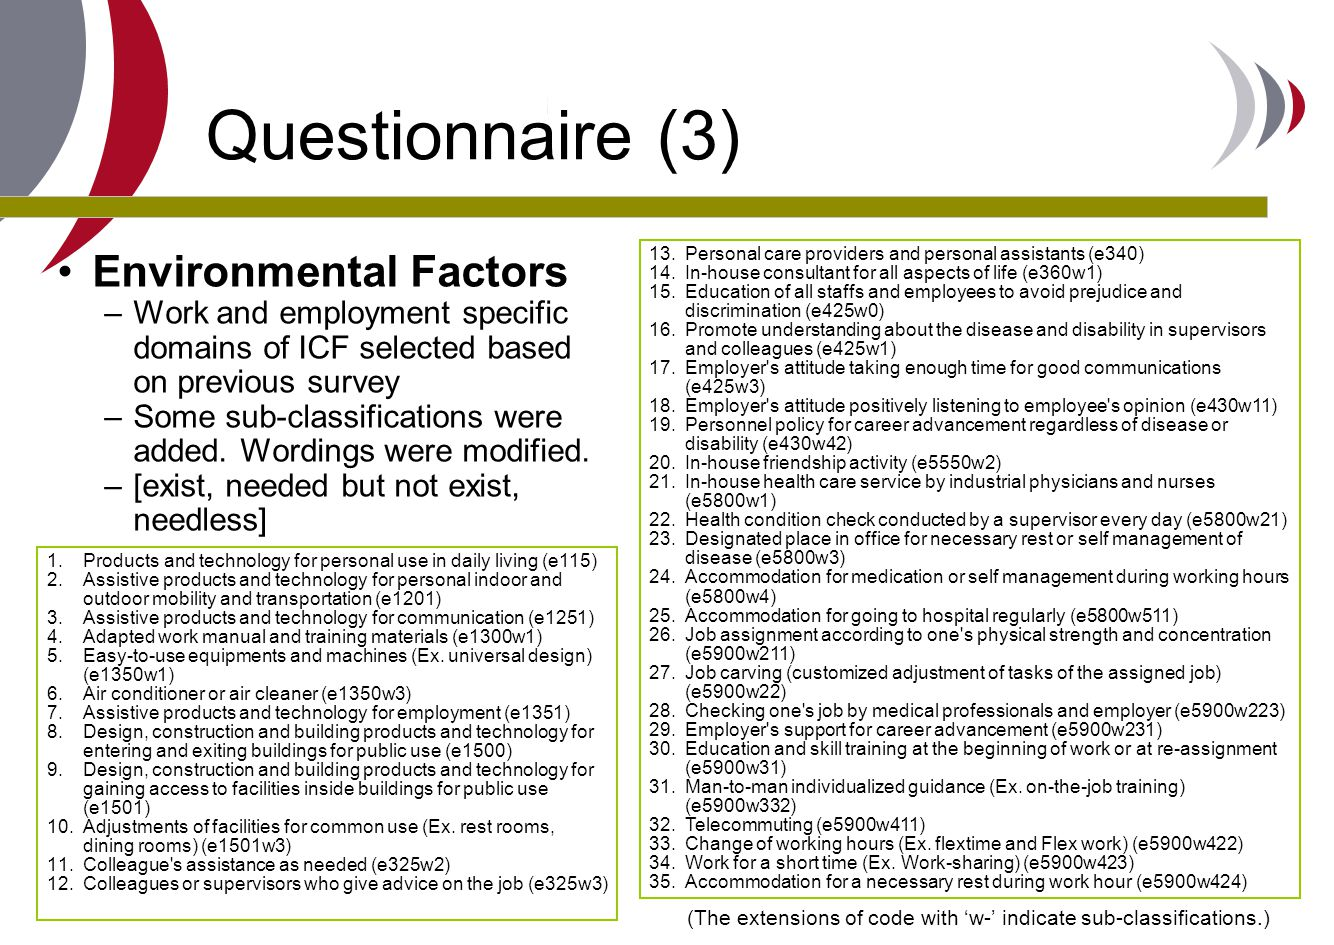 Questionnaire (3) Environmental Factors